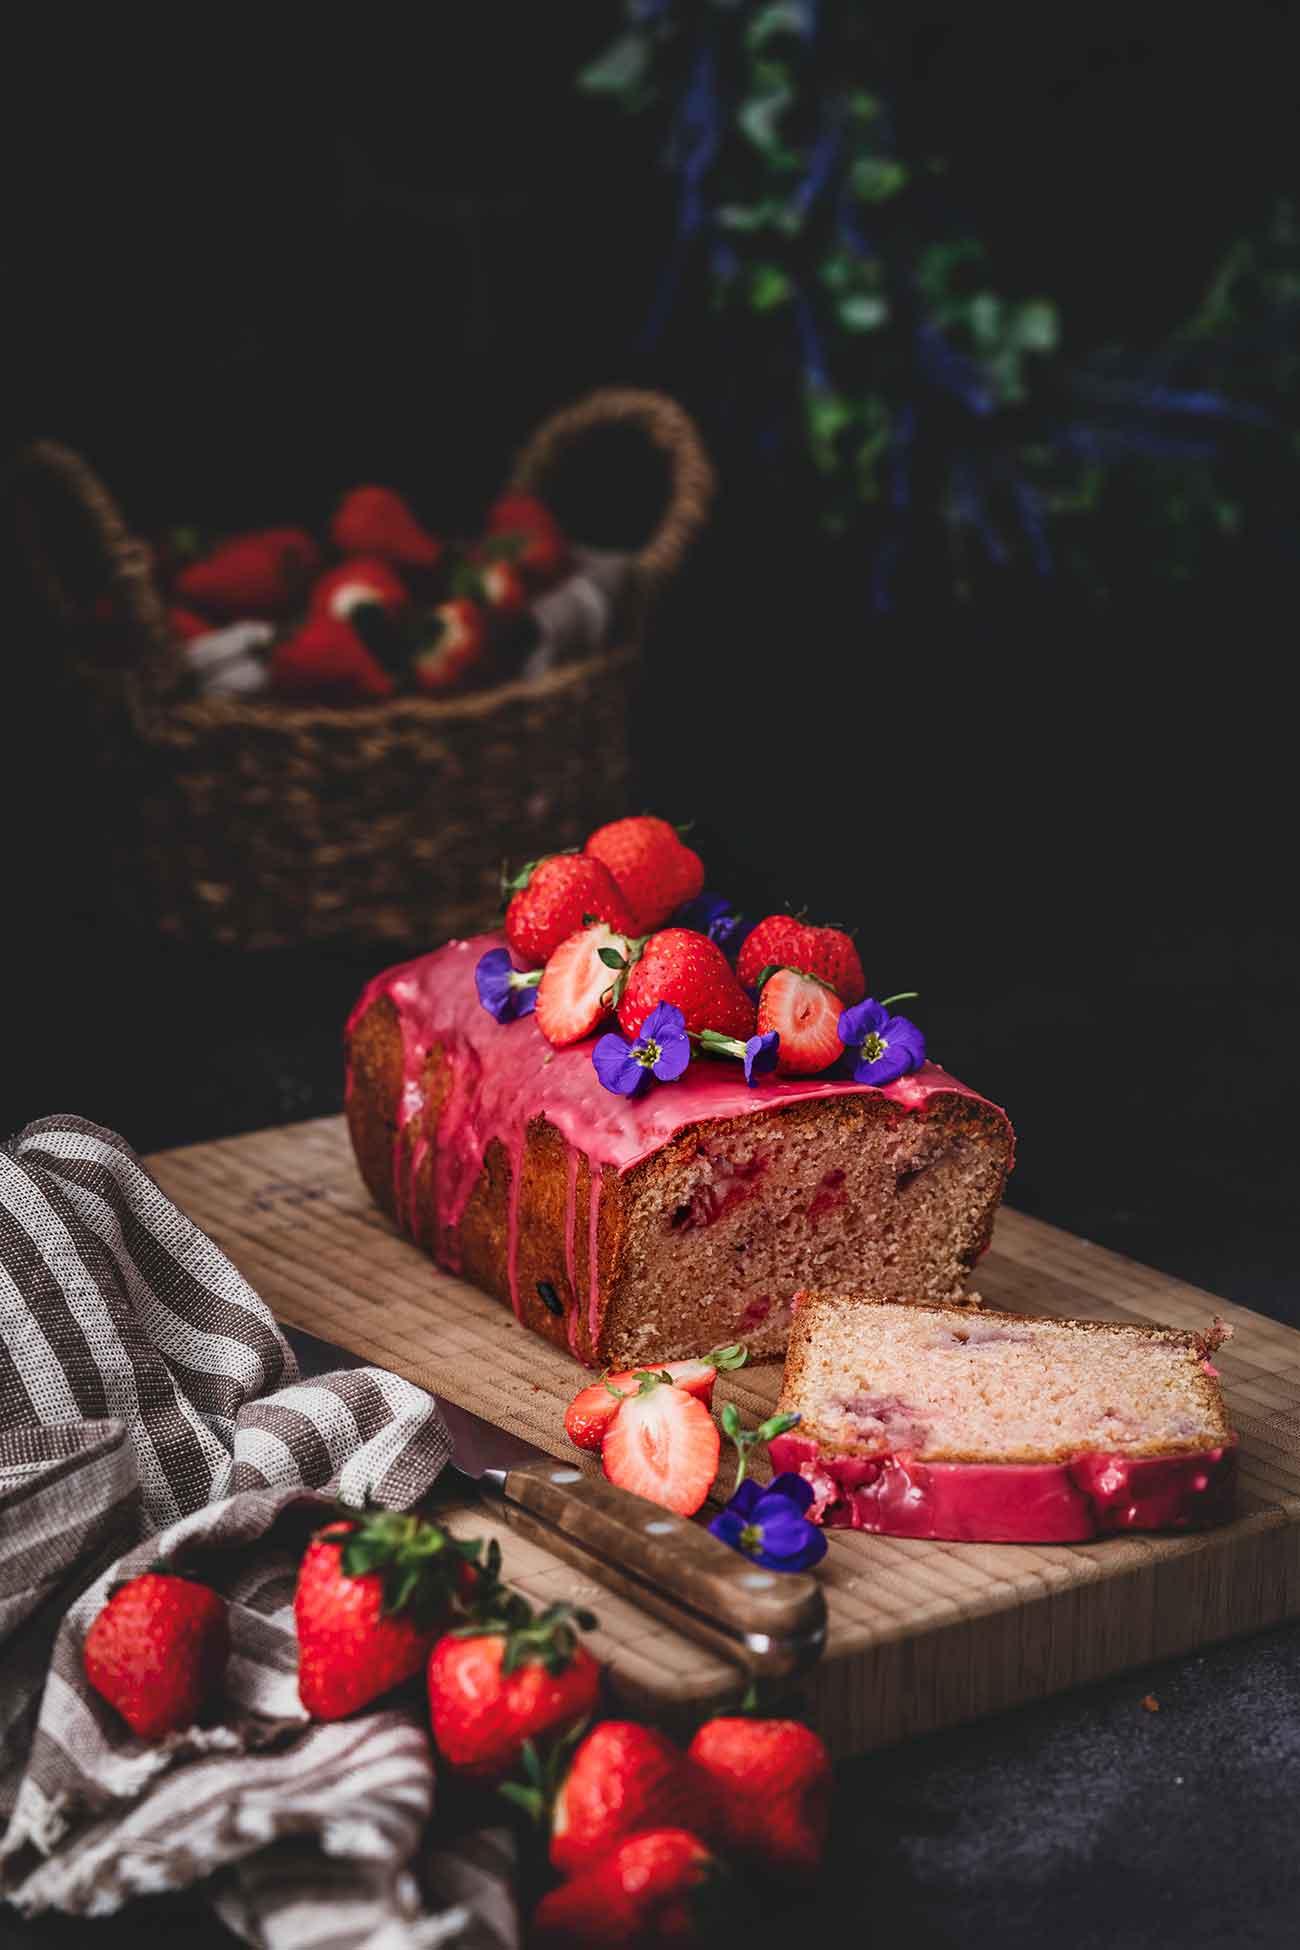 Süßer Erdbeer-Mandel-Kuchen, der bei mir, neben frischen Erdbeeren, noch etwas Erdbeersirup in den Teig bekommen hat. Getoppt wurde der einfache Kuchen mit einer Glasur aus Puderzucker und Erdbeersirup, die einzigartig köstlich ist. Genieße den Kuchen mit einem Kaffee oder zum Nachtisch mit etwas Schlagsahne. Er ist schnell gemacht und dennoch sehr hübsch.